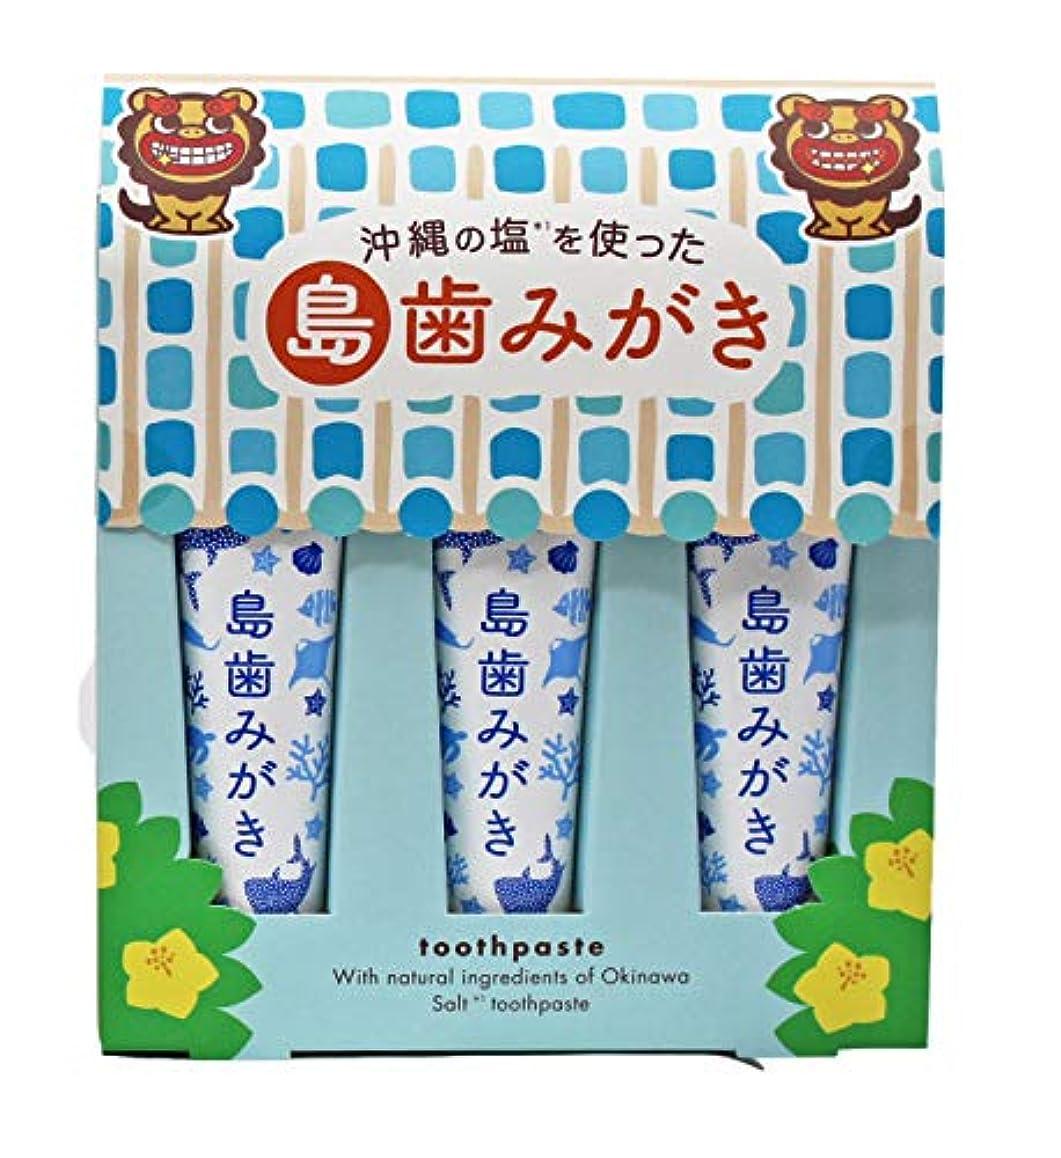 頻繁にプラス期待する沖縄の塩を使った島歯みがき (藍色) 15g×3本入り